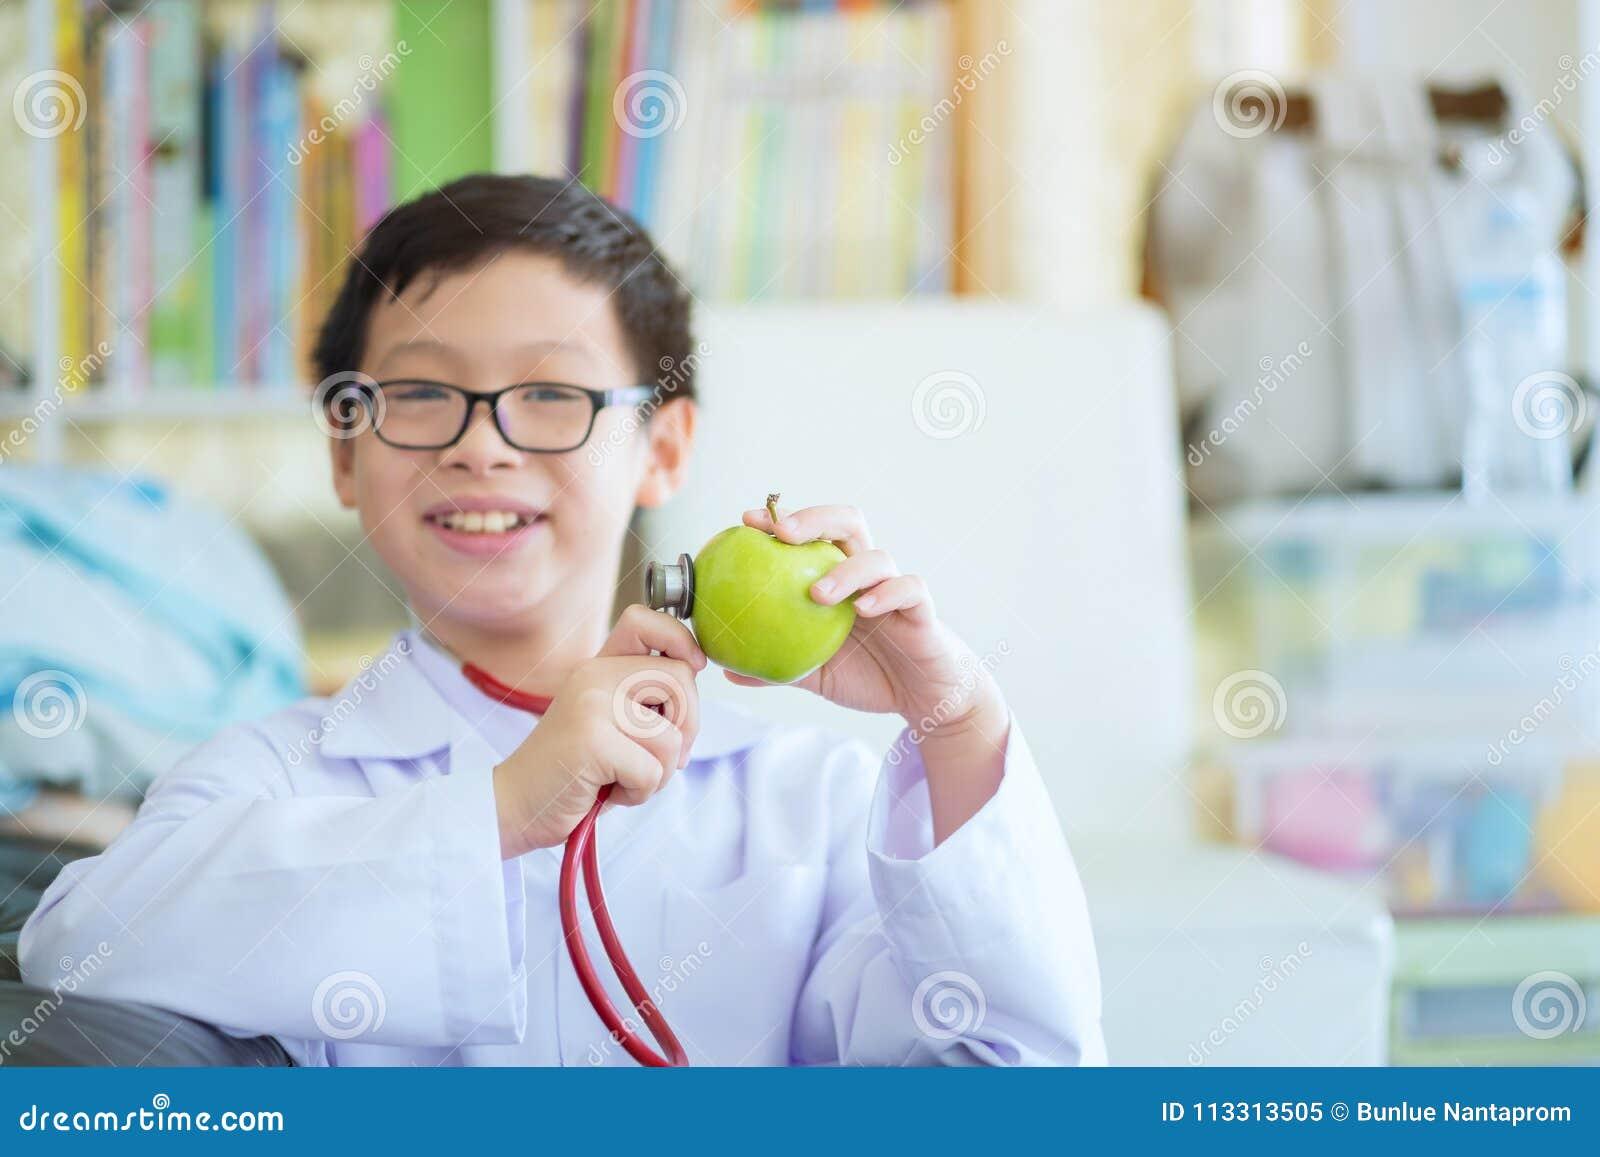 Zakończenie up chłopiec ręki z zielonym jabłkiem, Mały śliczny chłopiec przyszłości d